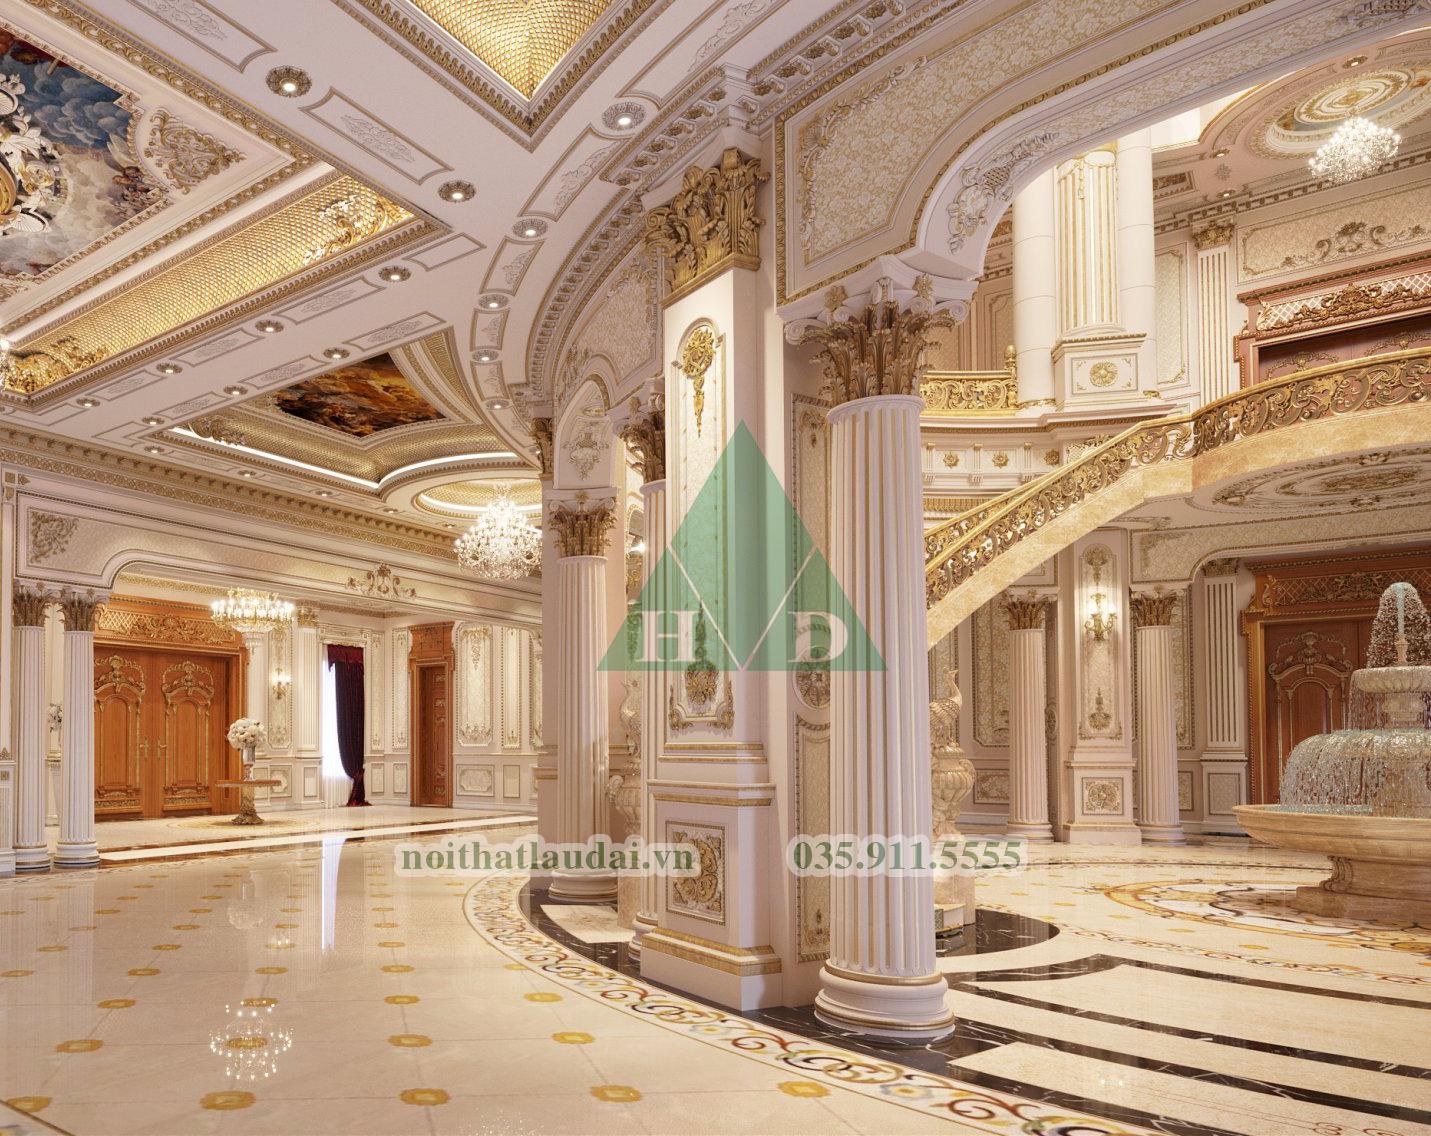 Thiết kế nội thất sảnh lâu đài 2